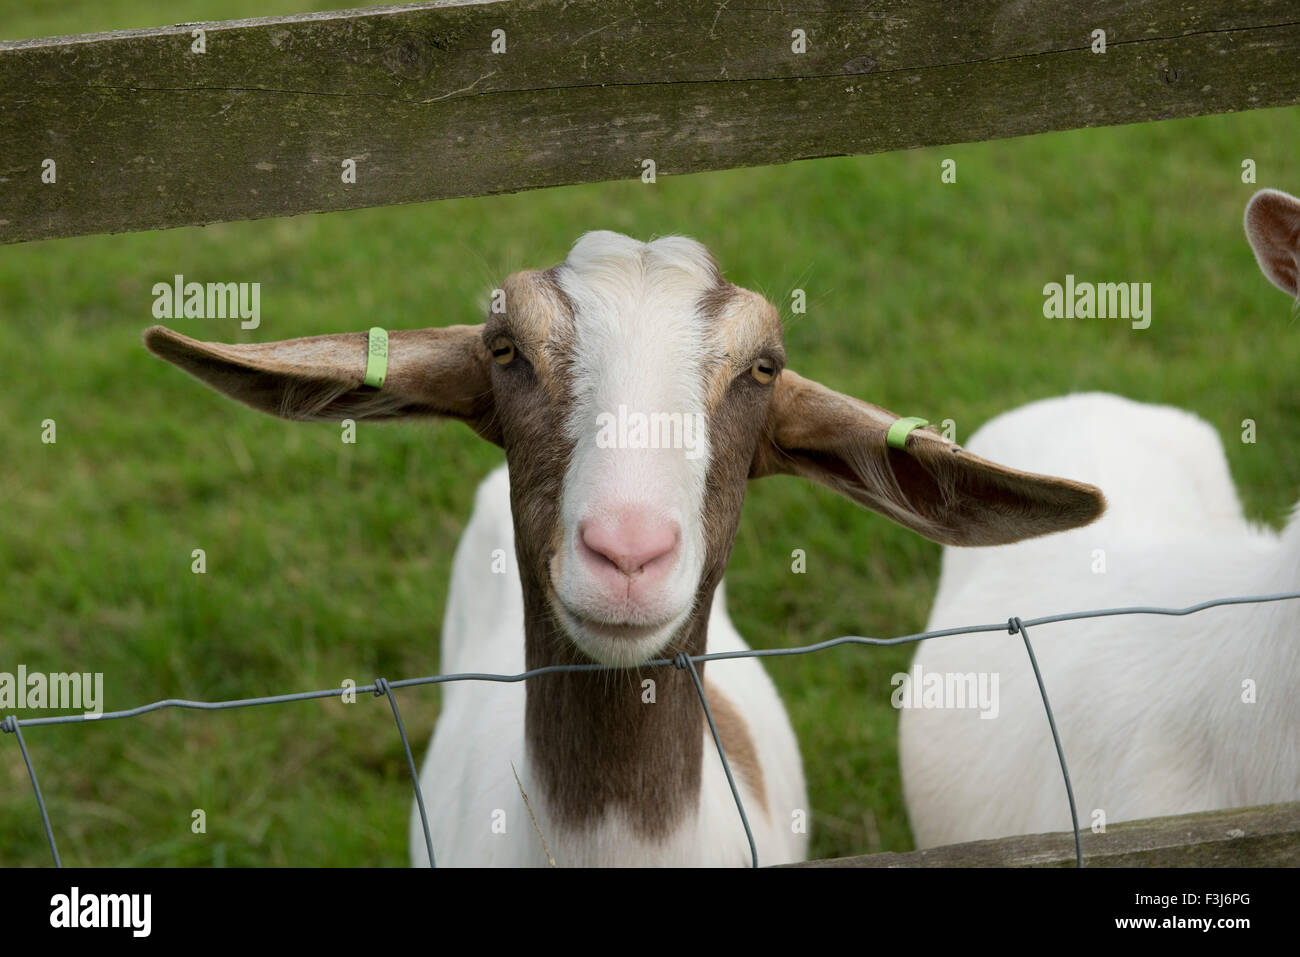 Ein Boer Typ Nanny Goat, Nachkommen von Ziegen melken gehalten als Haustier, Berkshire, August Stockbild